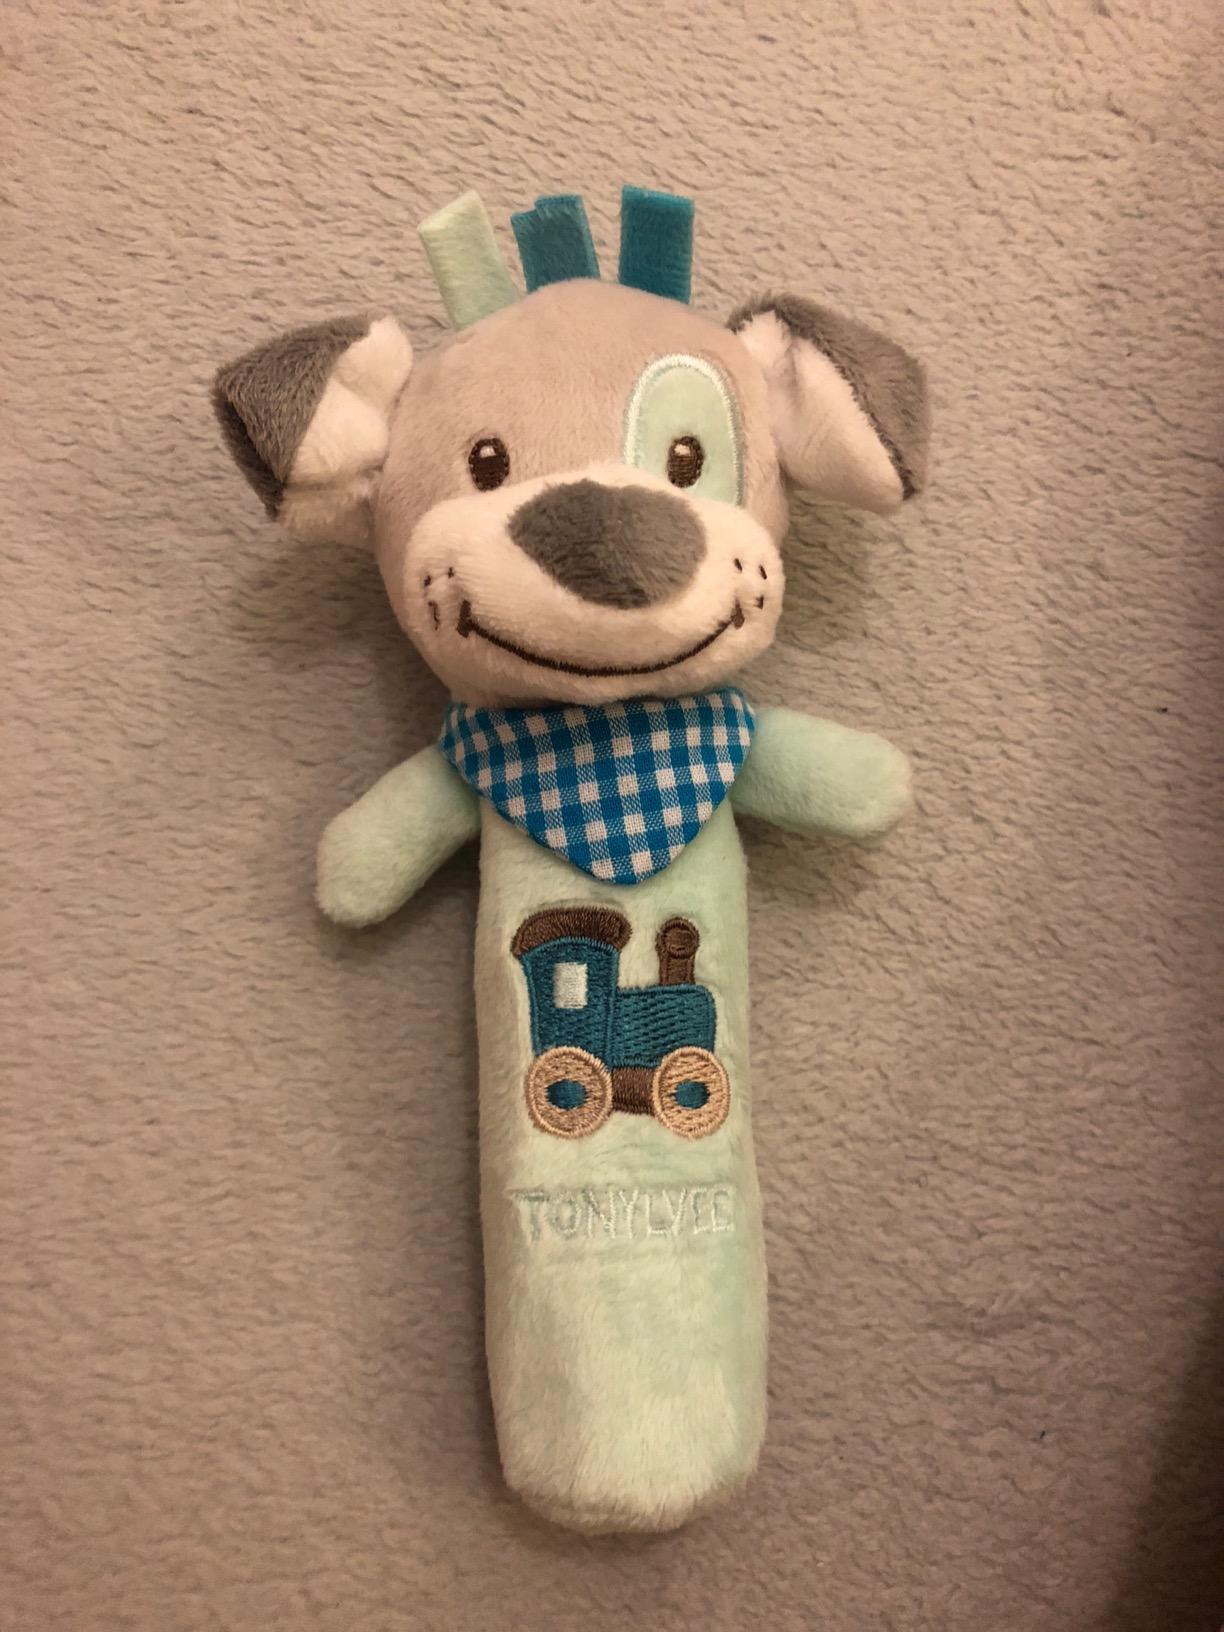 LCLrute New Hohe Qualit/ät Kinder Spielzeugtiere l/äuten Glocken Tiere Hand Glocken Musical Baby Soft Toys Entwicklungs Rassel Bett Kinder A